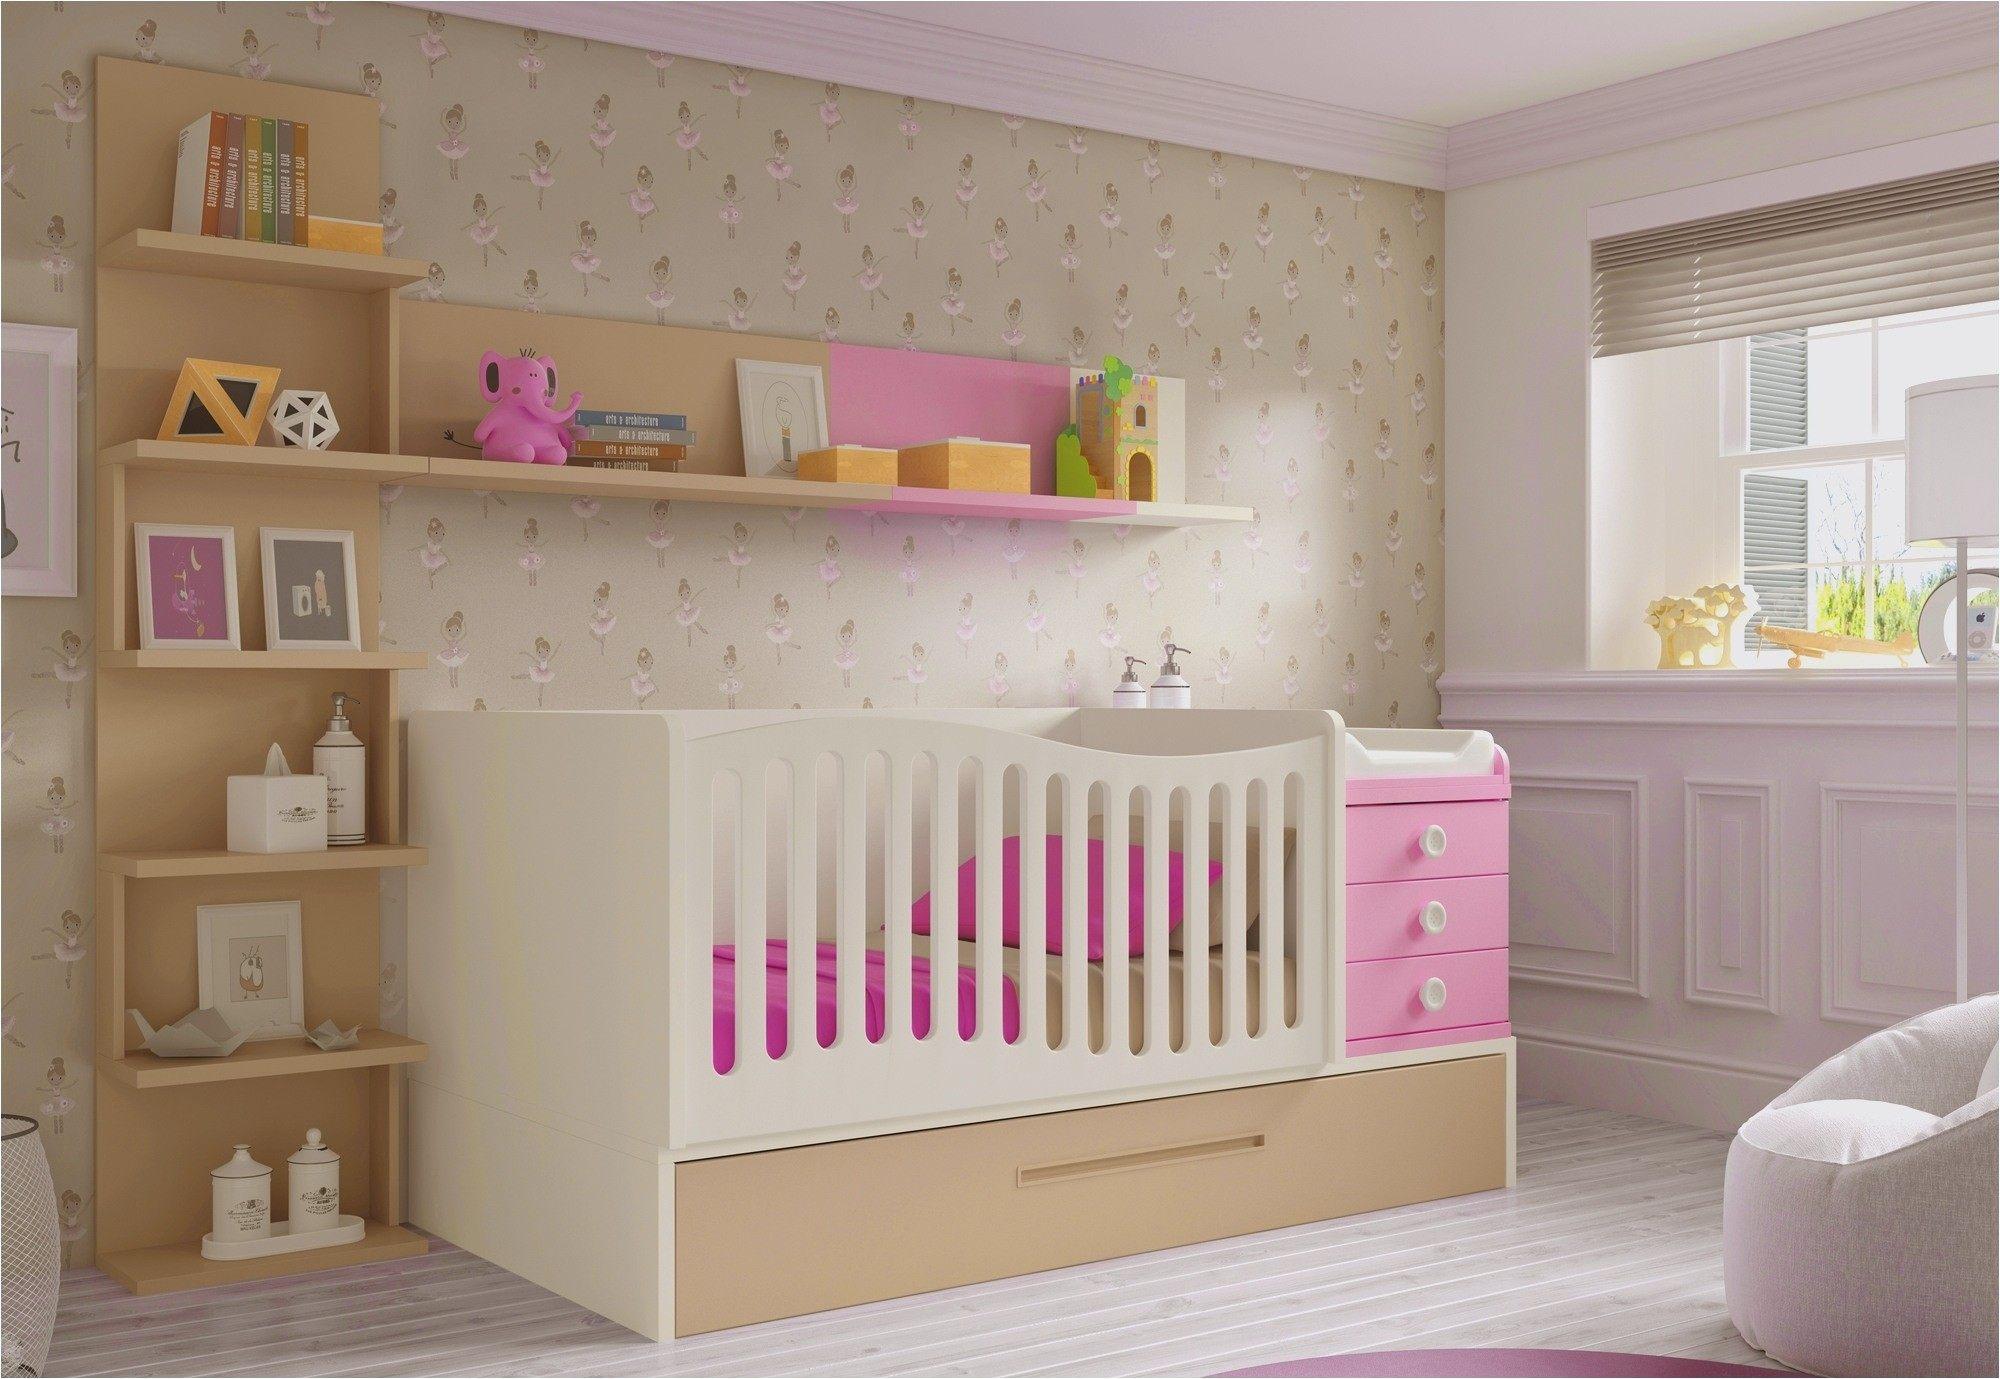 Lit Bébé Ikea Hensvik Génial Baignoire Pliante Bébé Beautiful Lit Bebe Luxe 36 Ikea Best De Avec